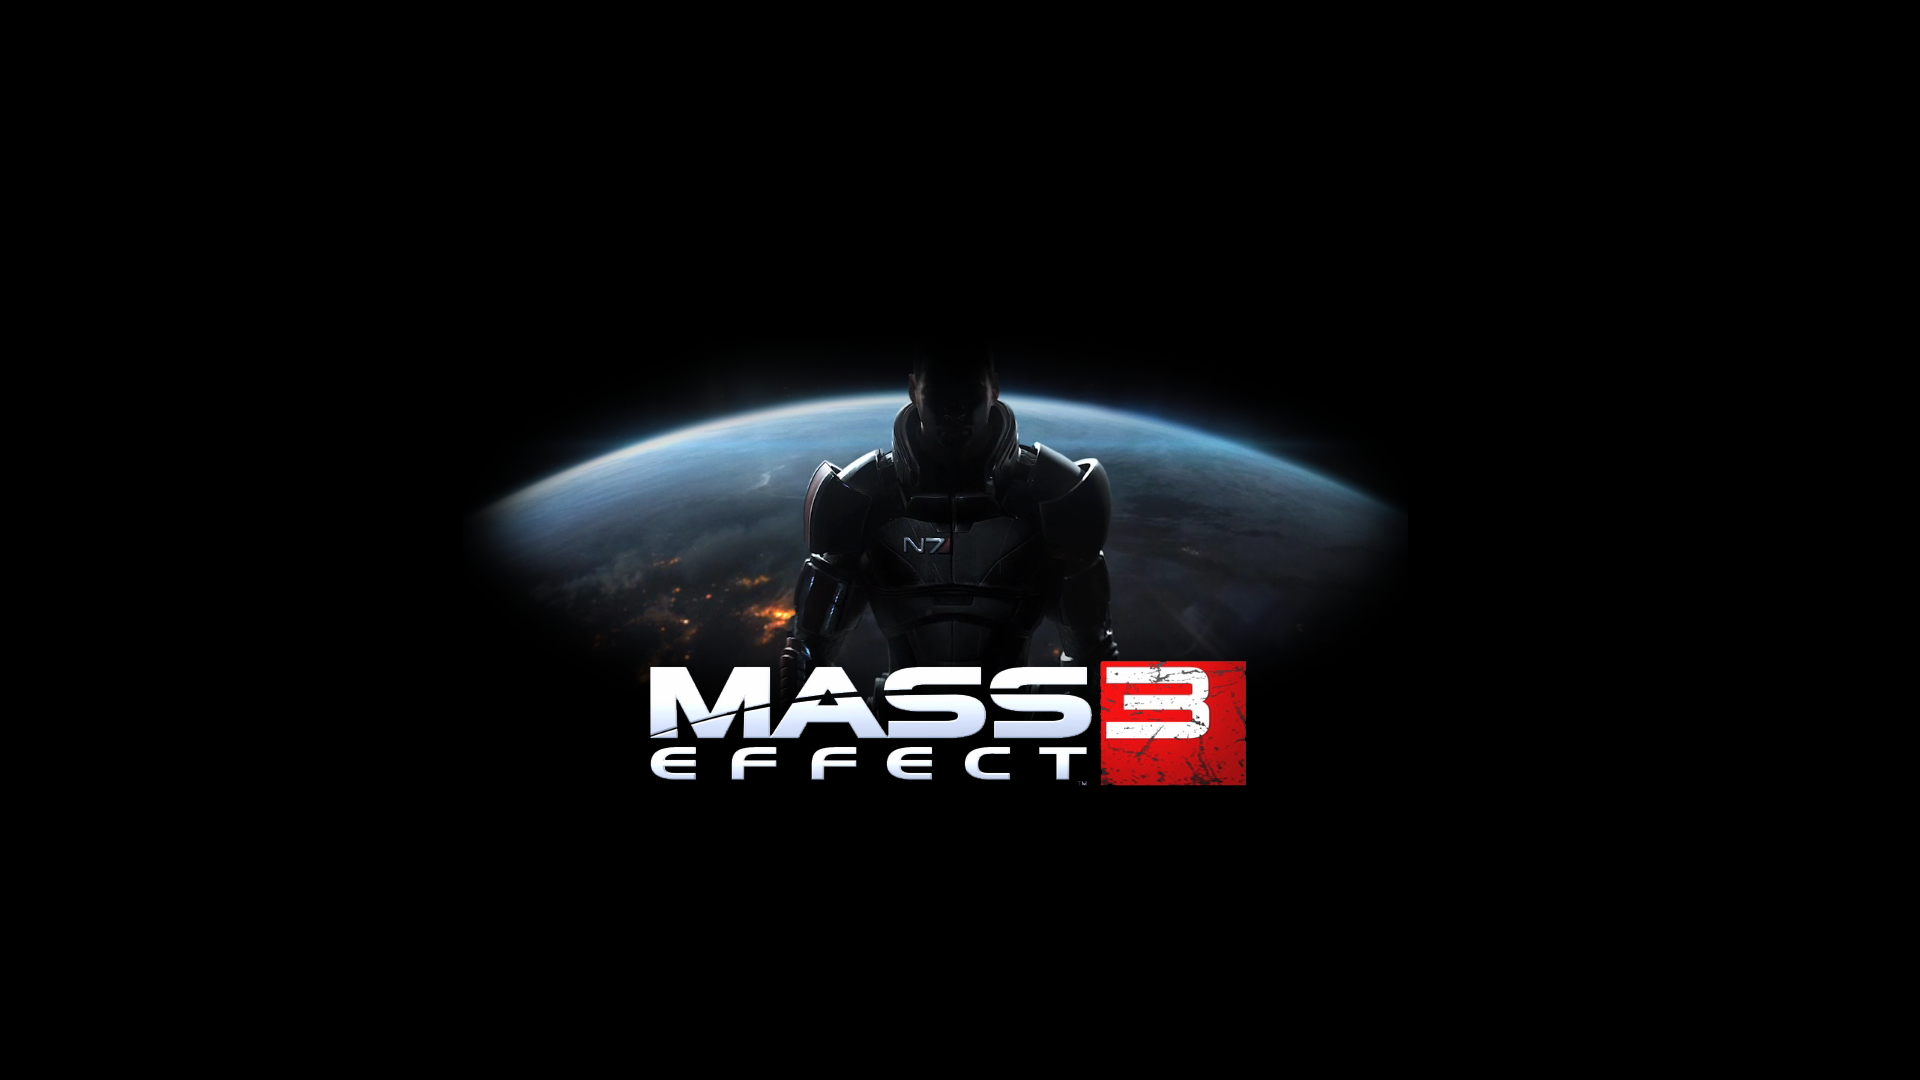 Mass Effect 3 Wallpaper 2014 Games HD 1920x1080